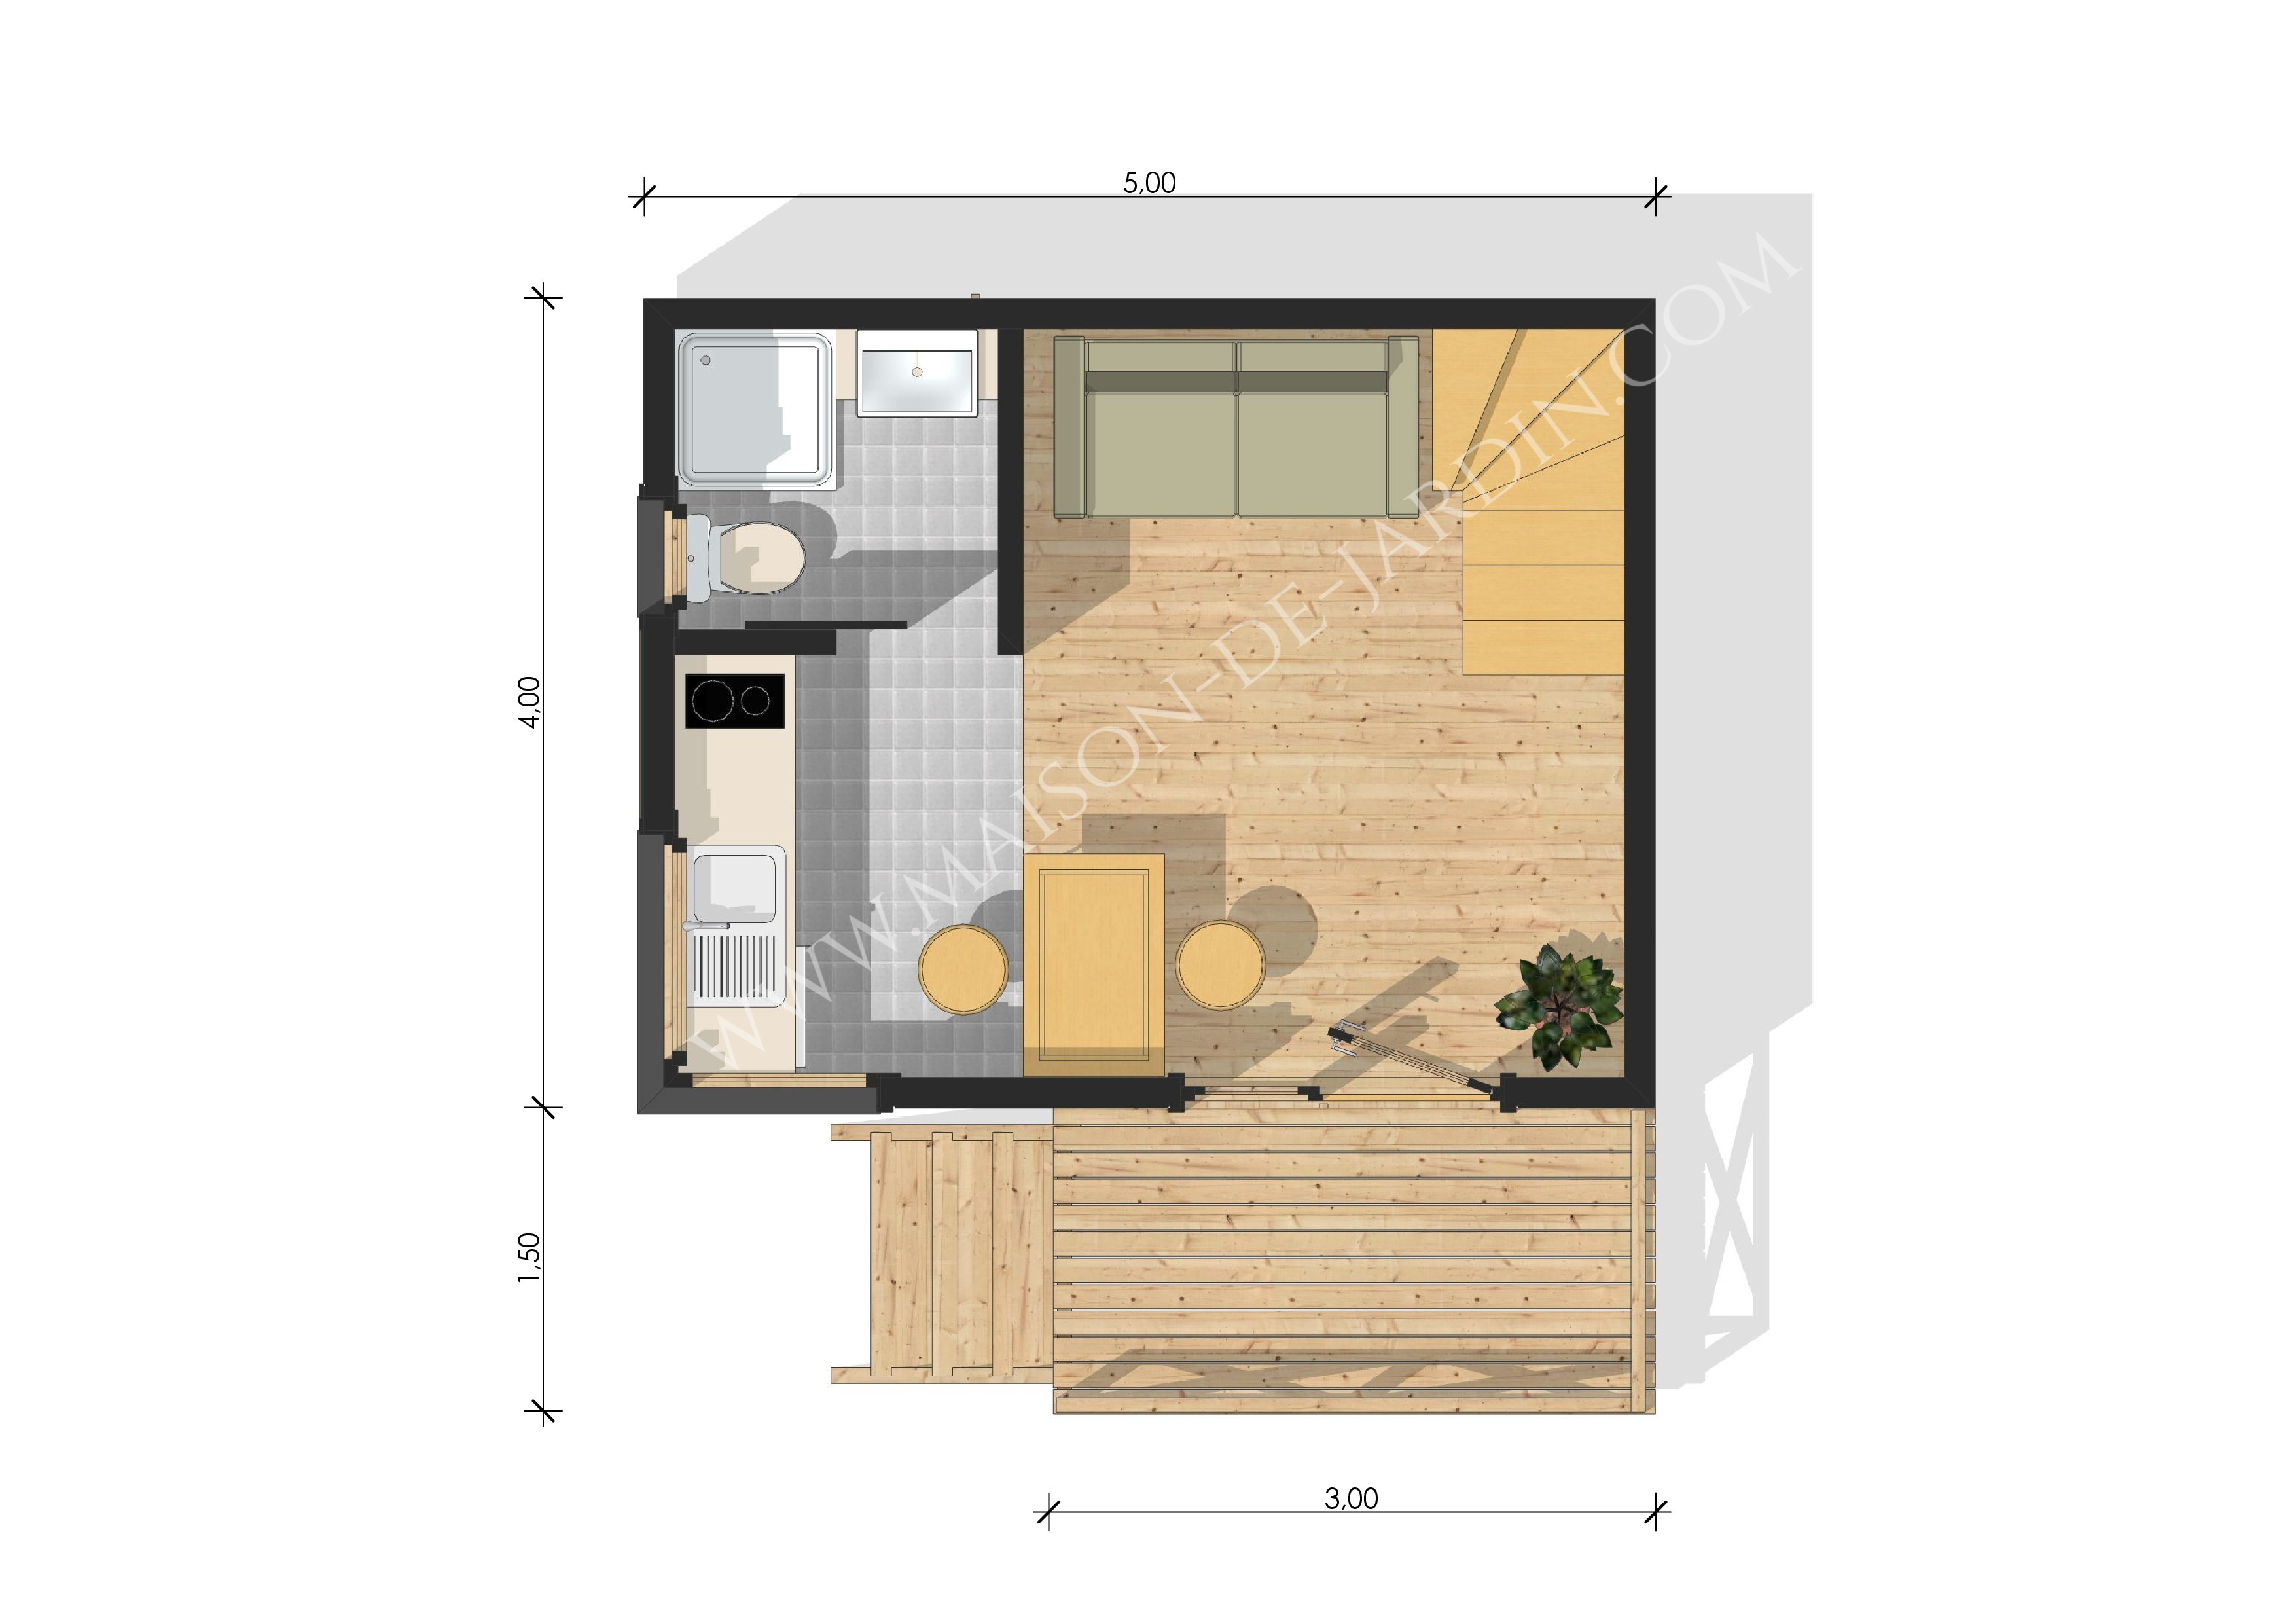 studio de jardin avec ossature bois nantes 37 m 34900 ttc livr mont cl en main. Black Bedroom Furniture Sets. Home Design Ideas